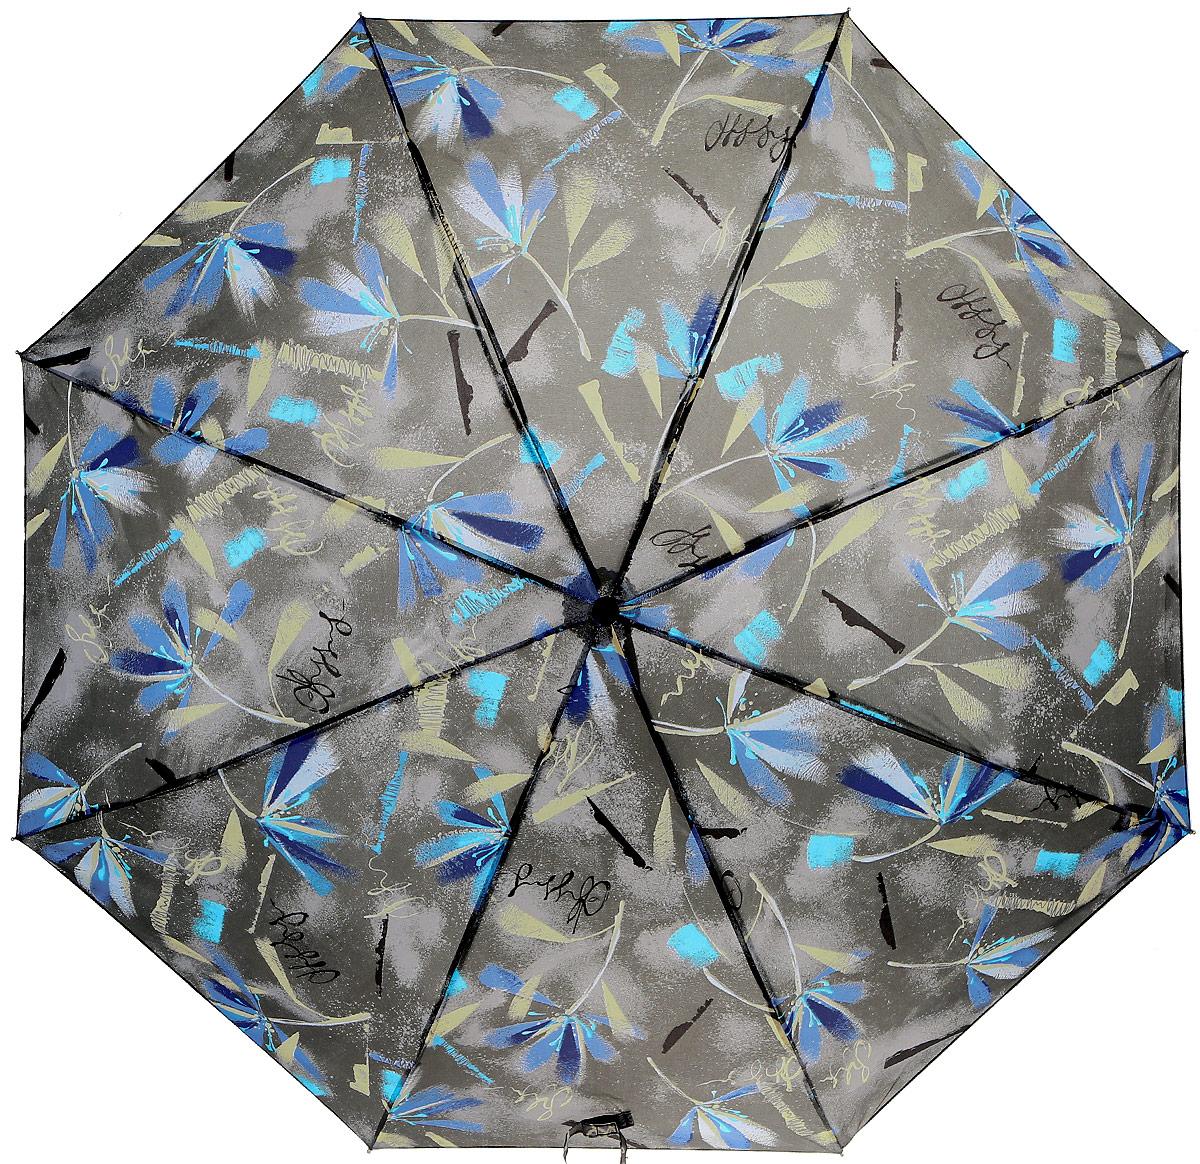 Зонт женский Prize, механический, 3 сложения, цвет: светло-серый, голубой. 355-190Колье (короткие одноярусные бусы)Классический женский зонт в 3 сложения с механической системой открытия и закрытия. Удобная ручка выполнена из пластика. Модель зонта выполнена в стандартном размере. Данная модель пердставляет собой эконом класс.